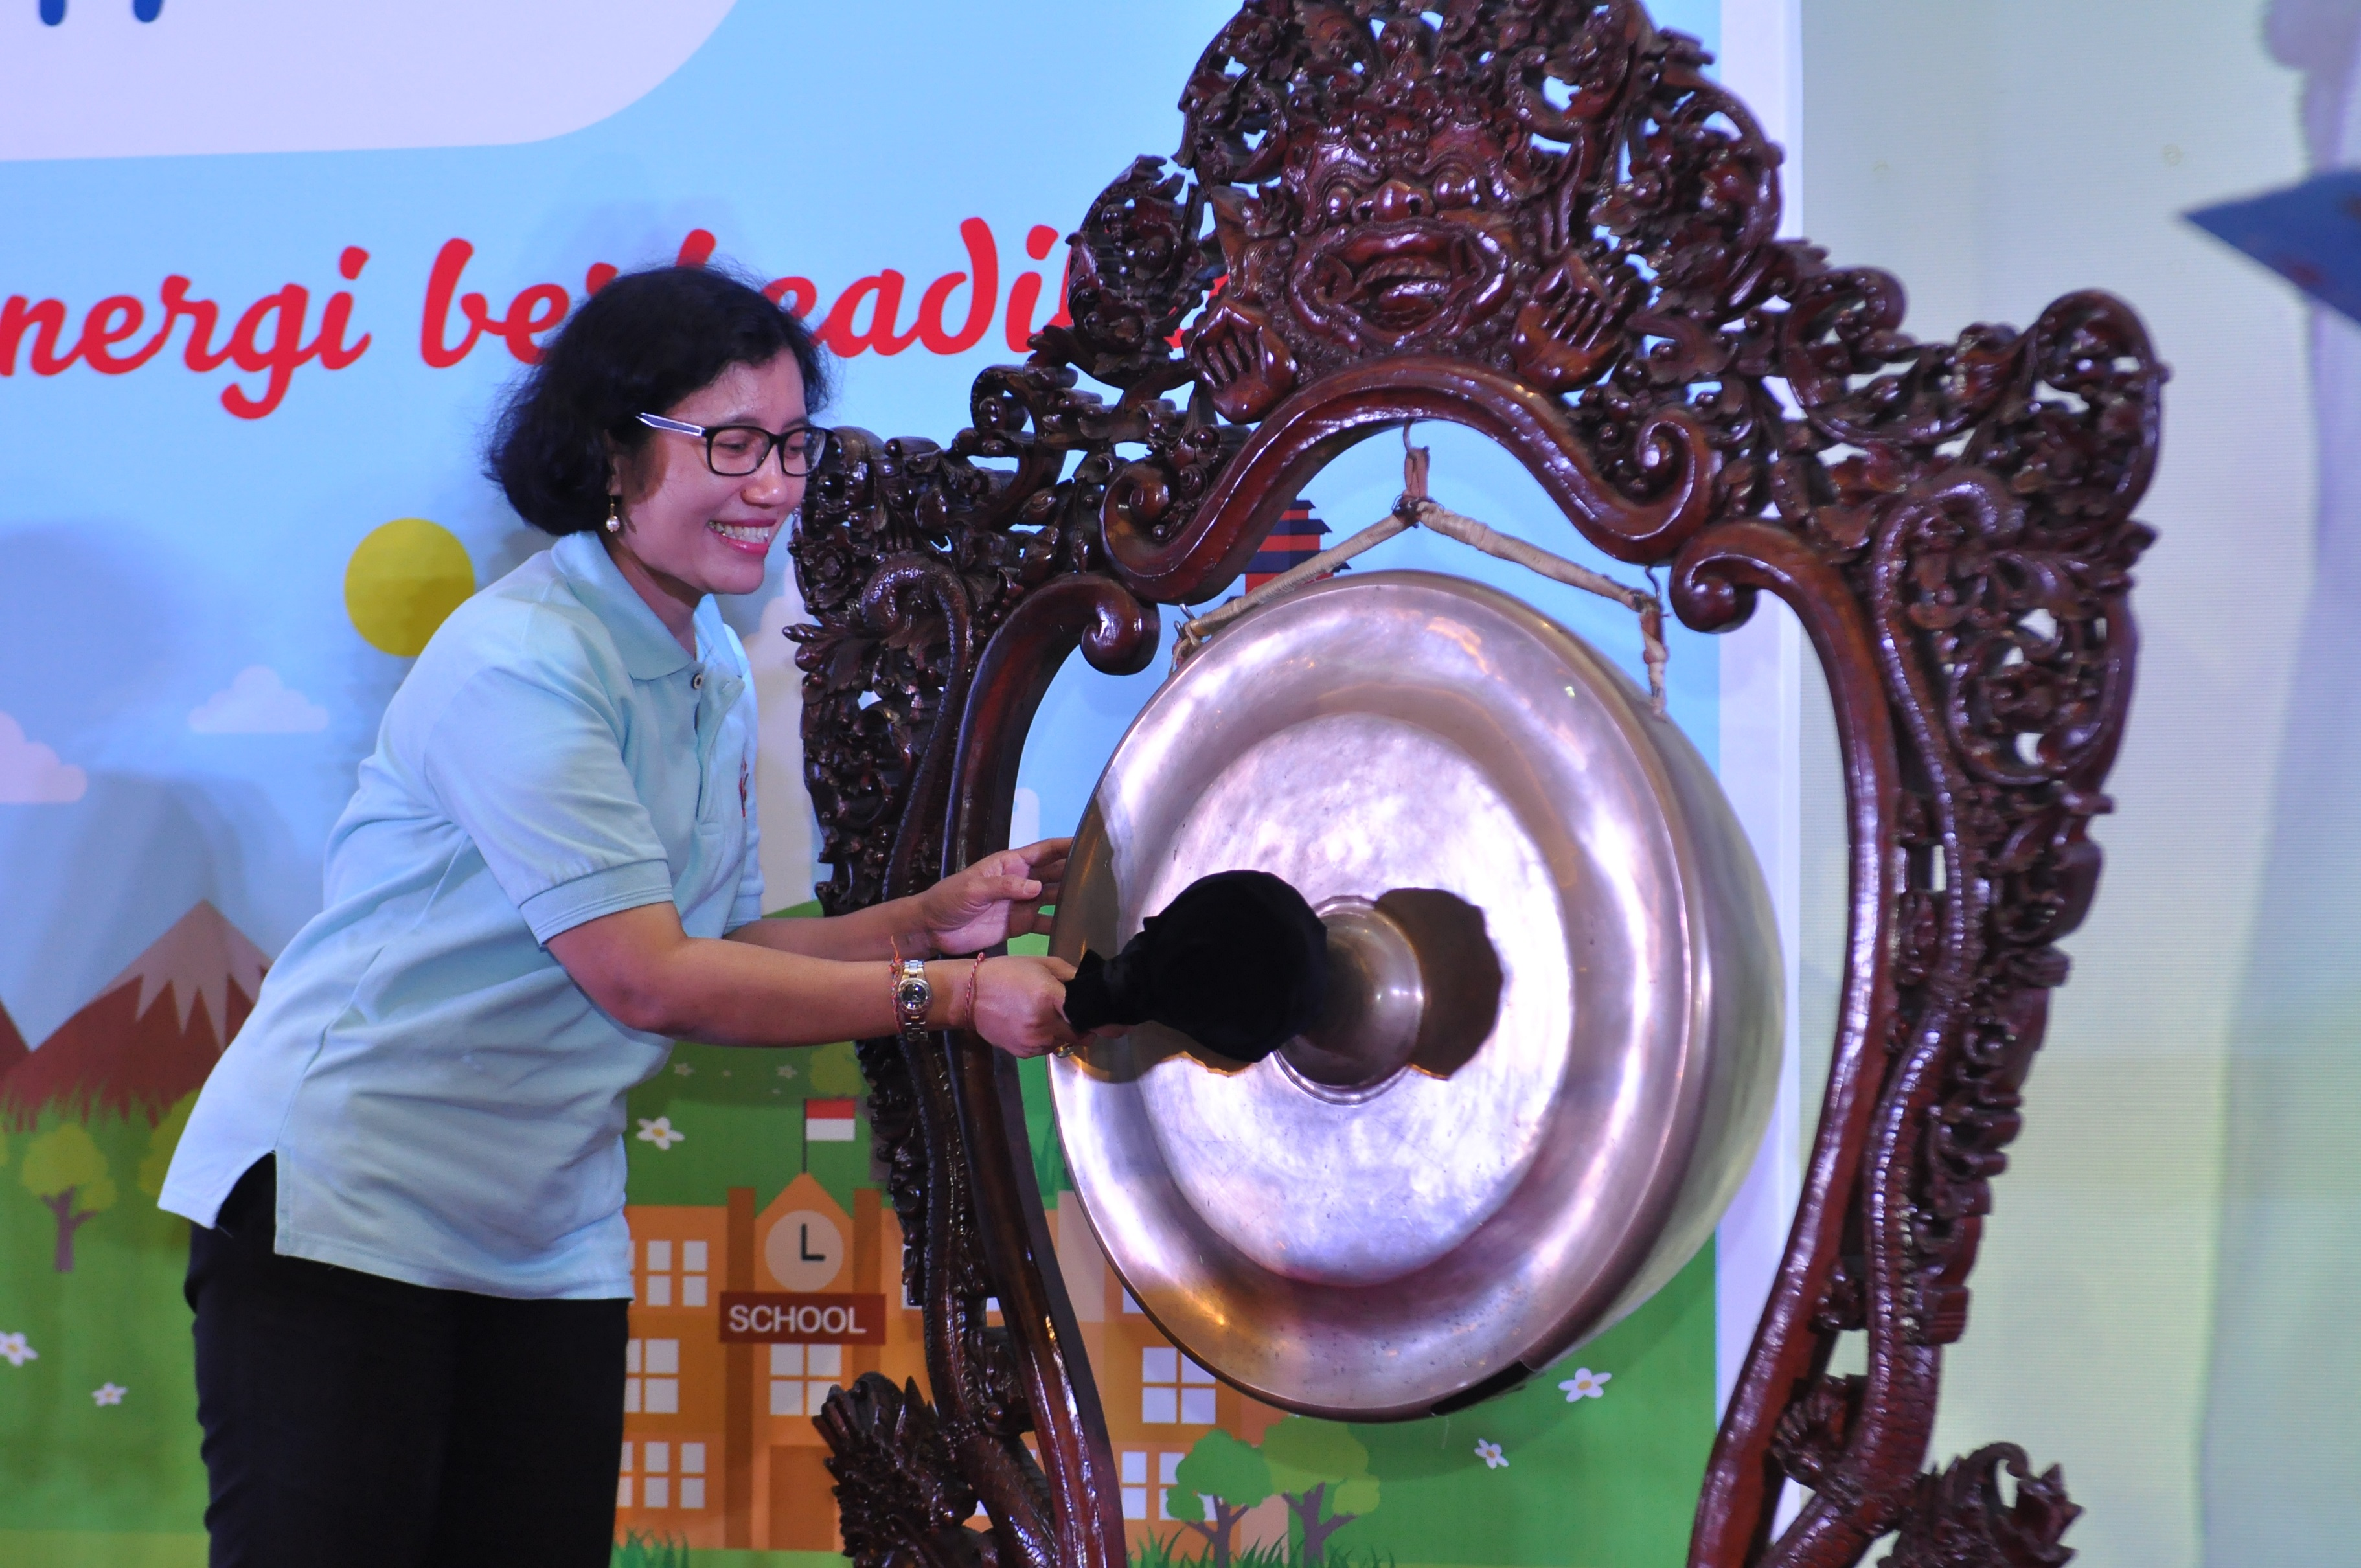 Direktur Konservasi Energi Membuka Acara dengan Memukul Gong